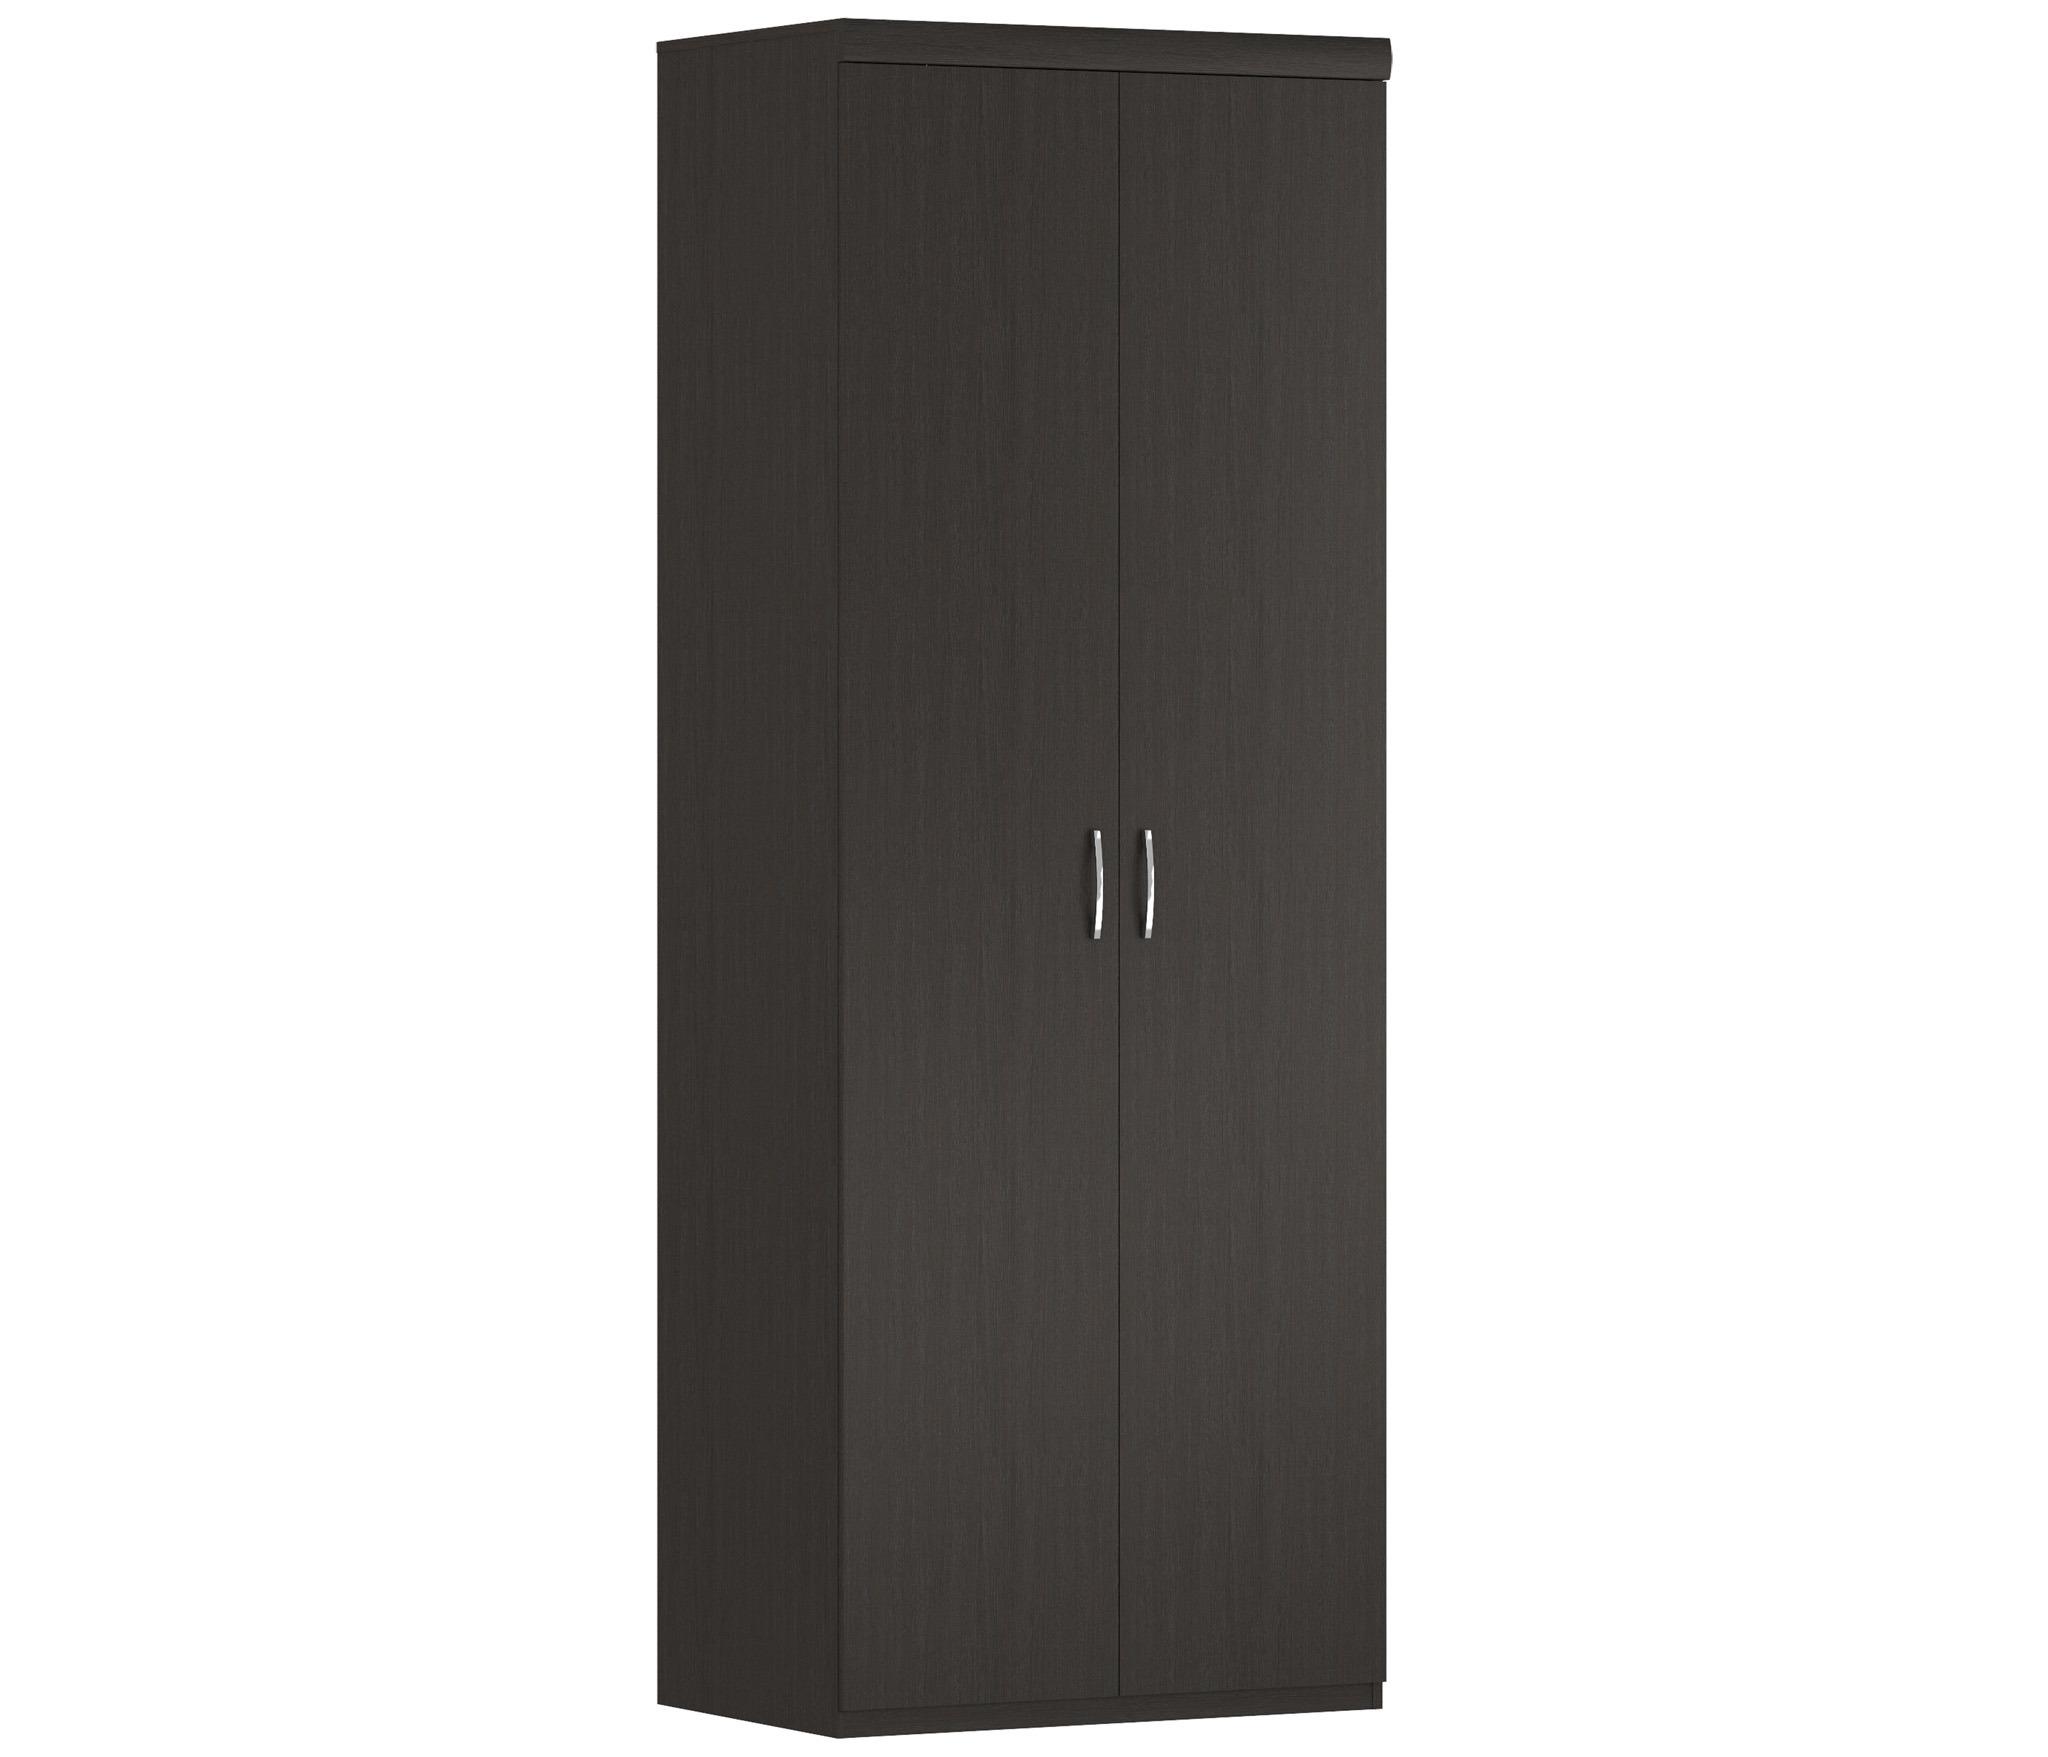 Соната СБ-2483 Шкаф 2-х дверныйШкафы<br><br><br>Длина мм: 880<br>Высота мм: 2384<br>Глубина мм: 581